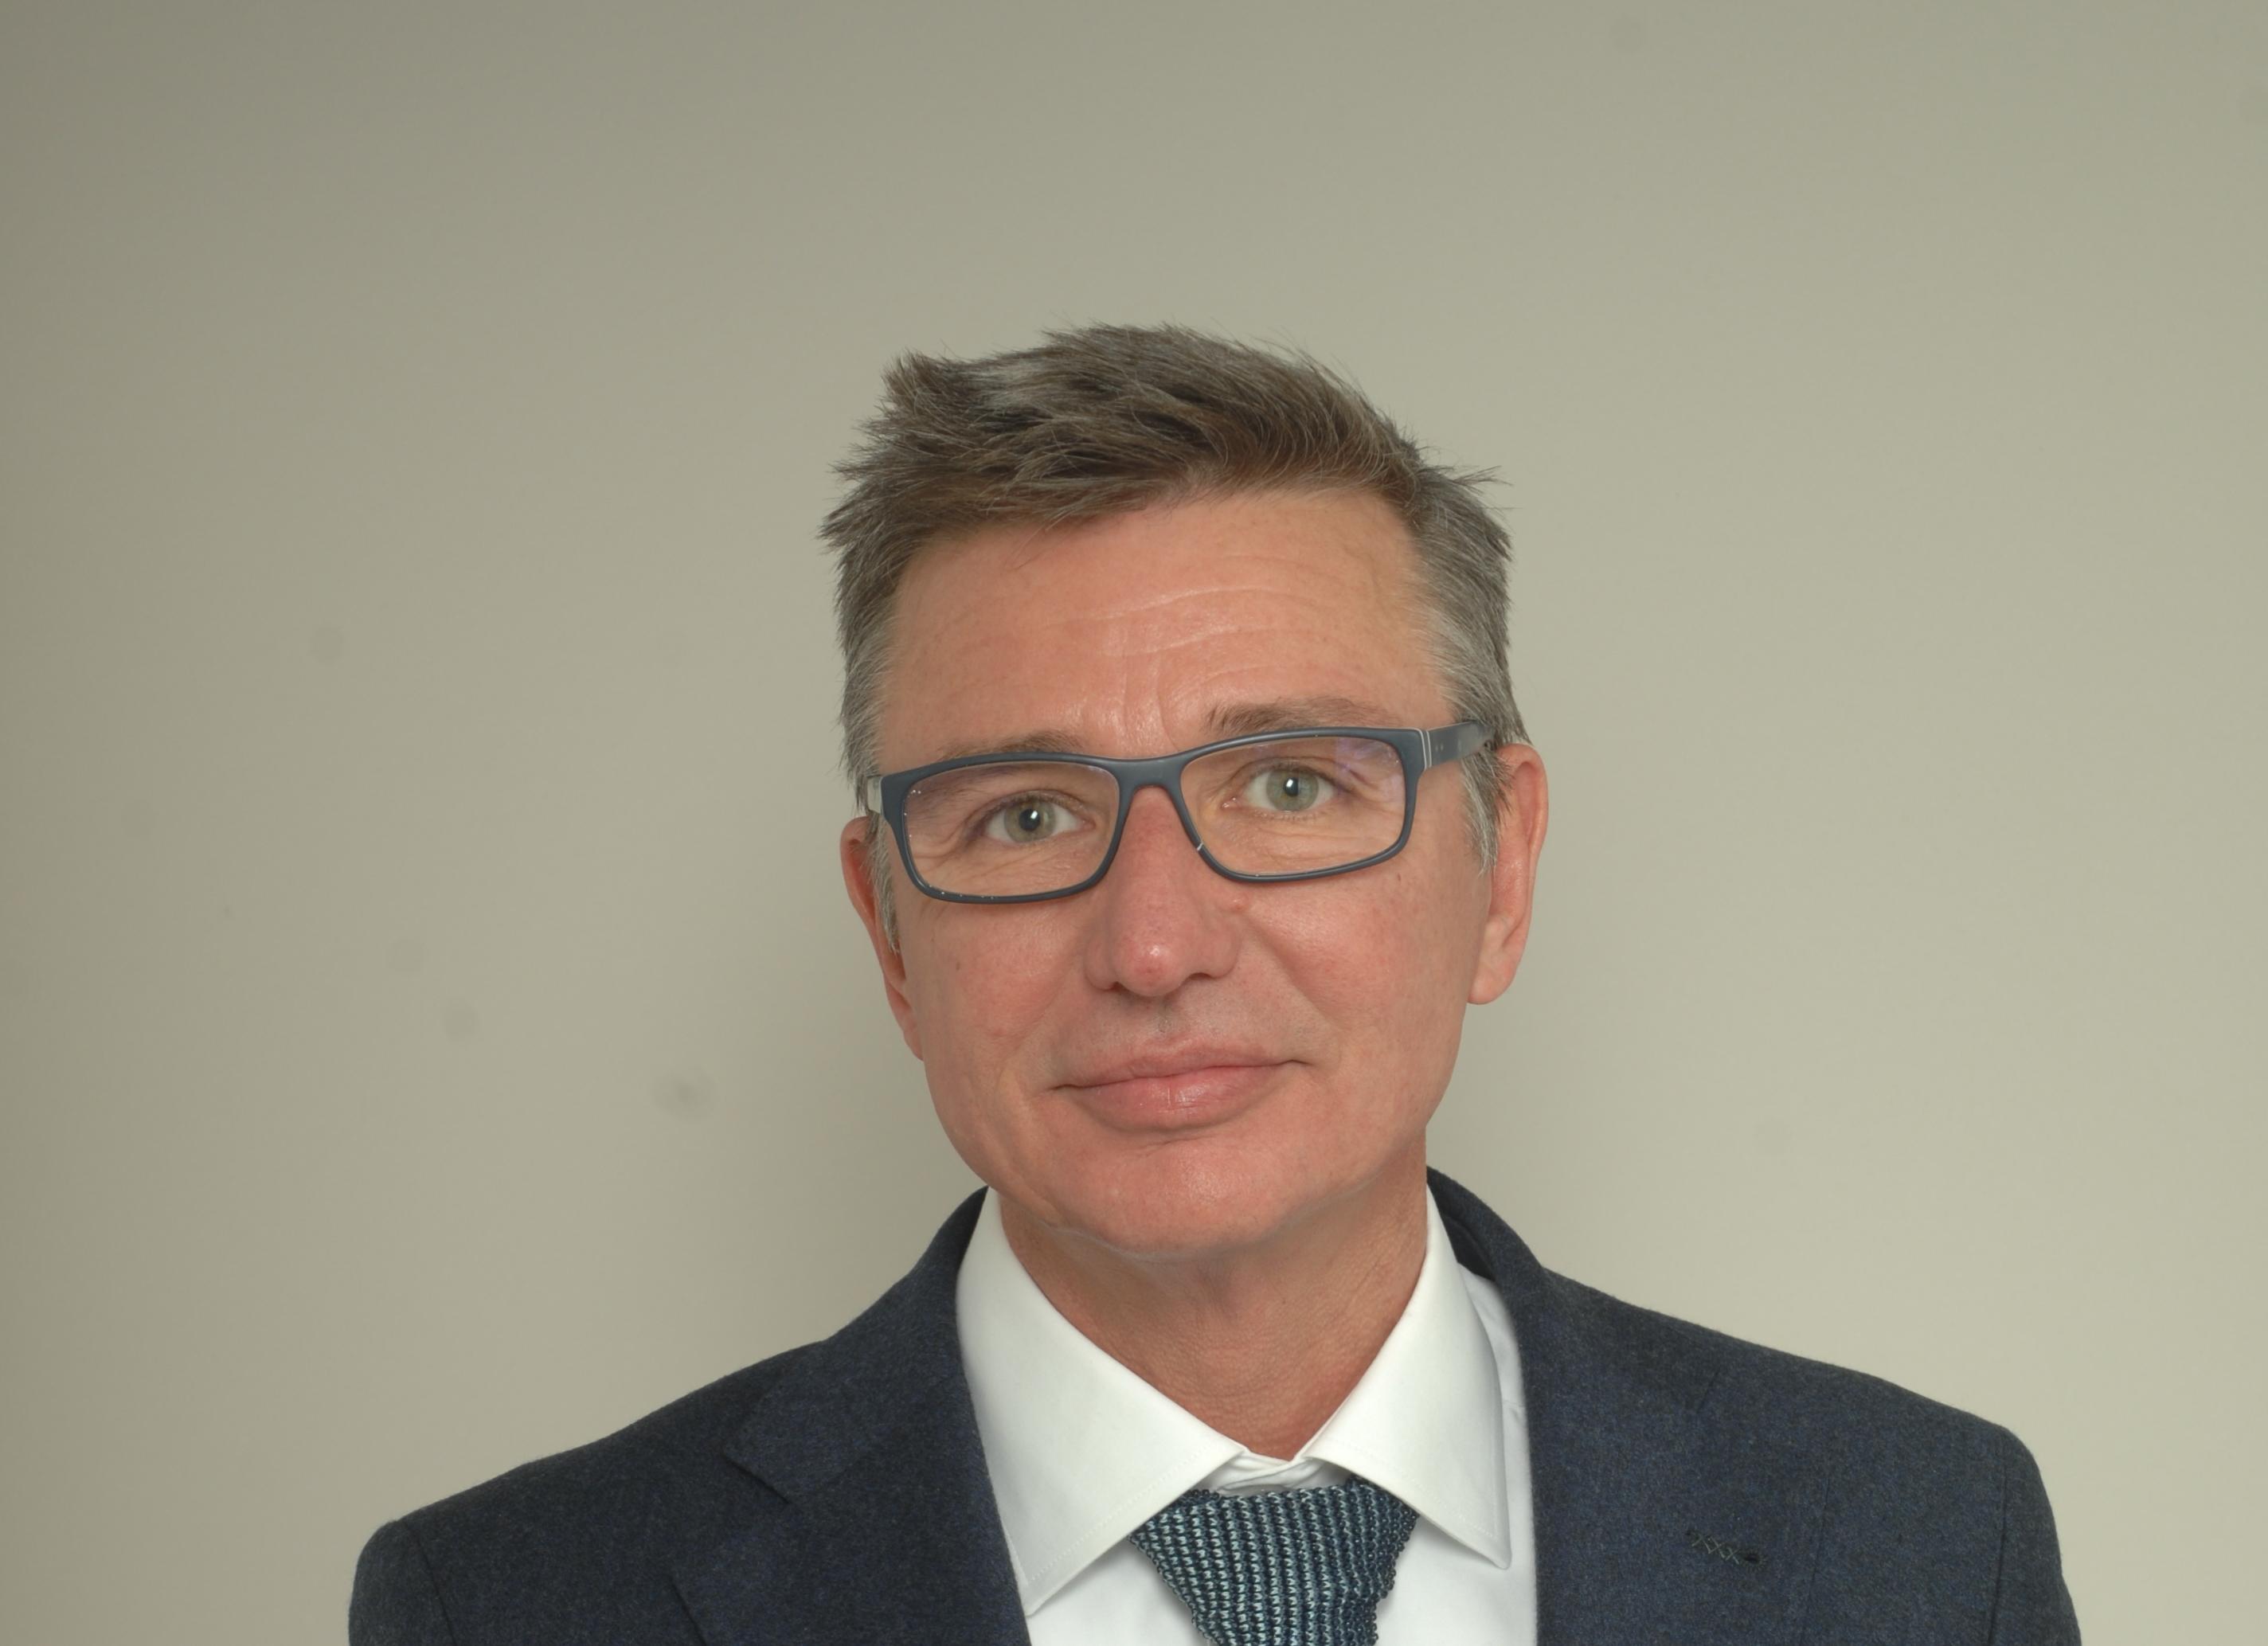 Christian Greve skal som ny business development manager for erhvervsrejsebureauet FCM i Danmark være med til at vinde flere kunder til bureauet.